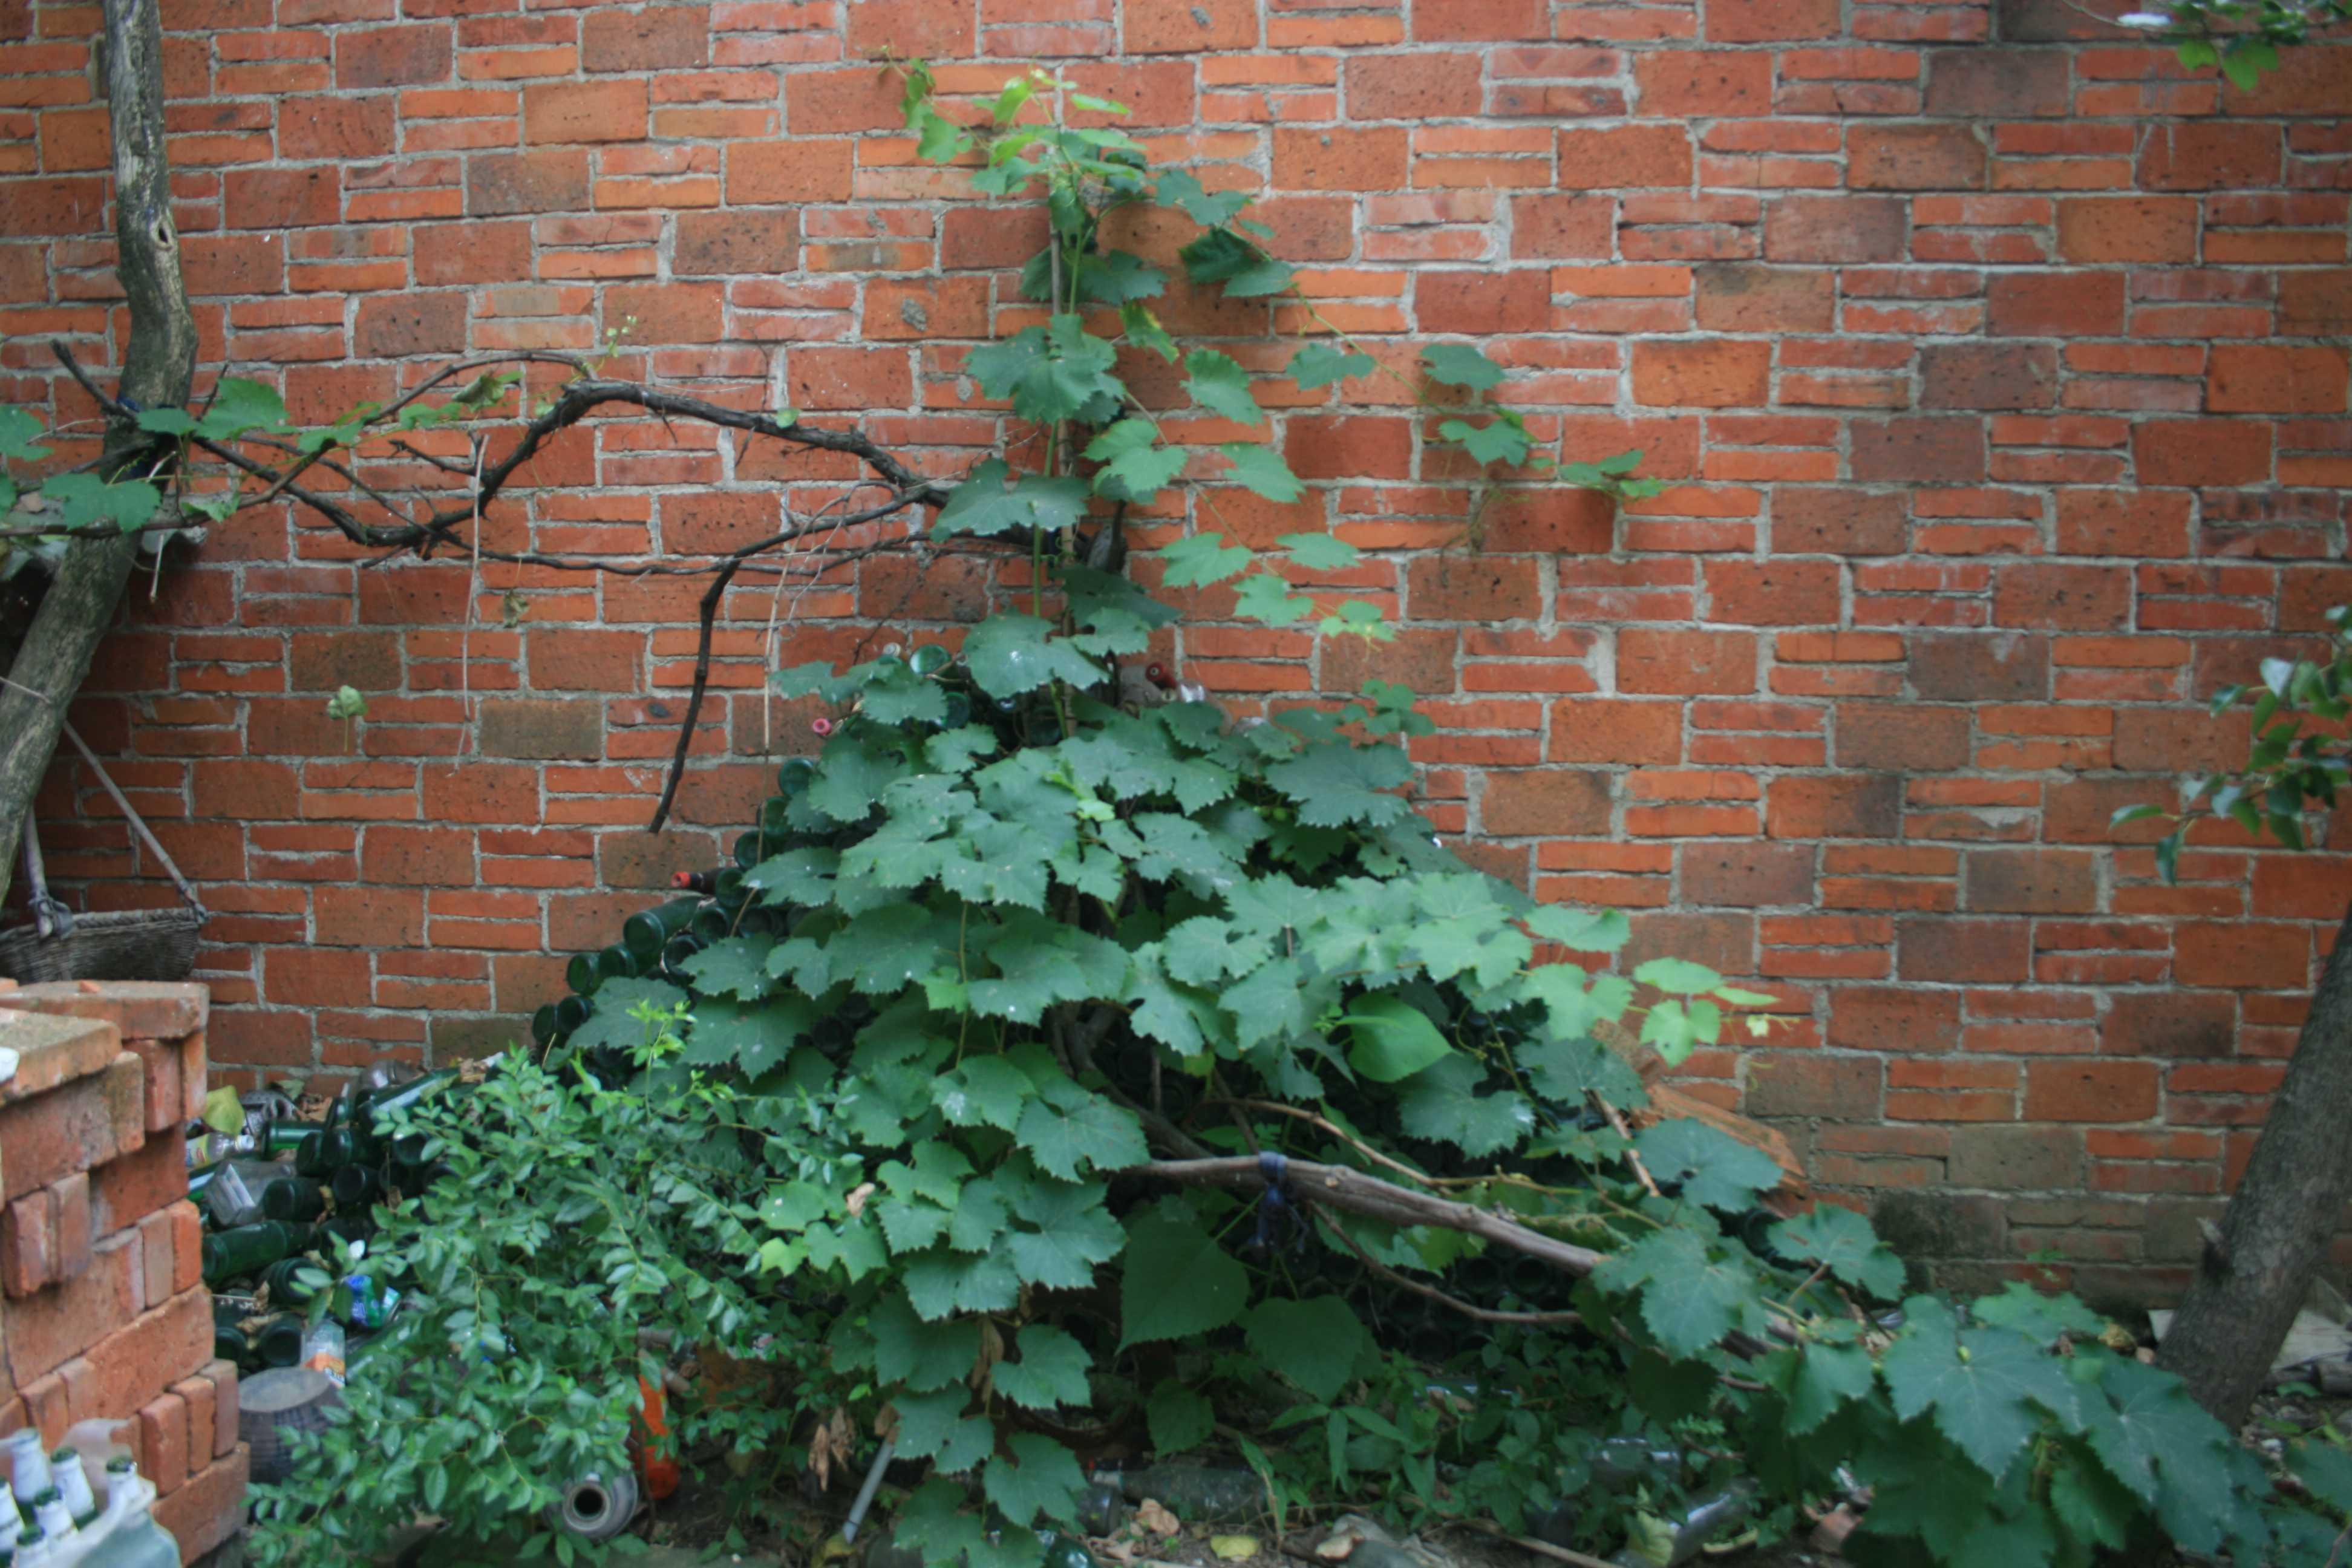 庭院葡萄树修剪技术 庭院葡萄的管理方法